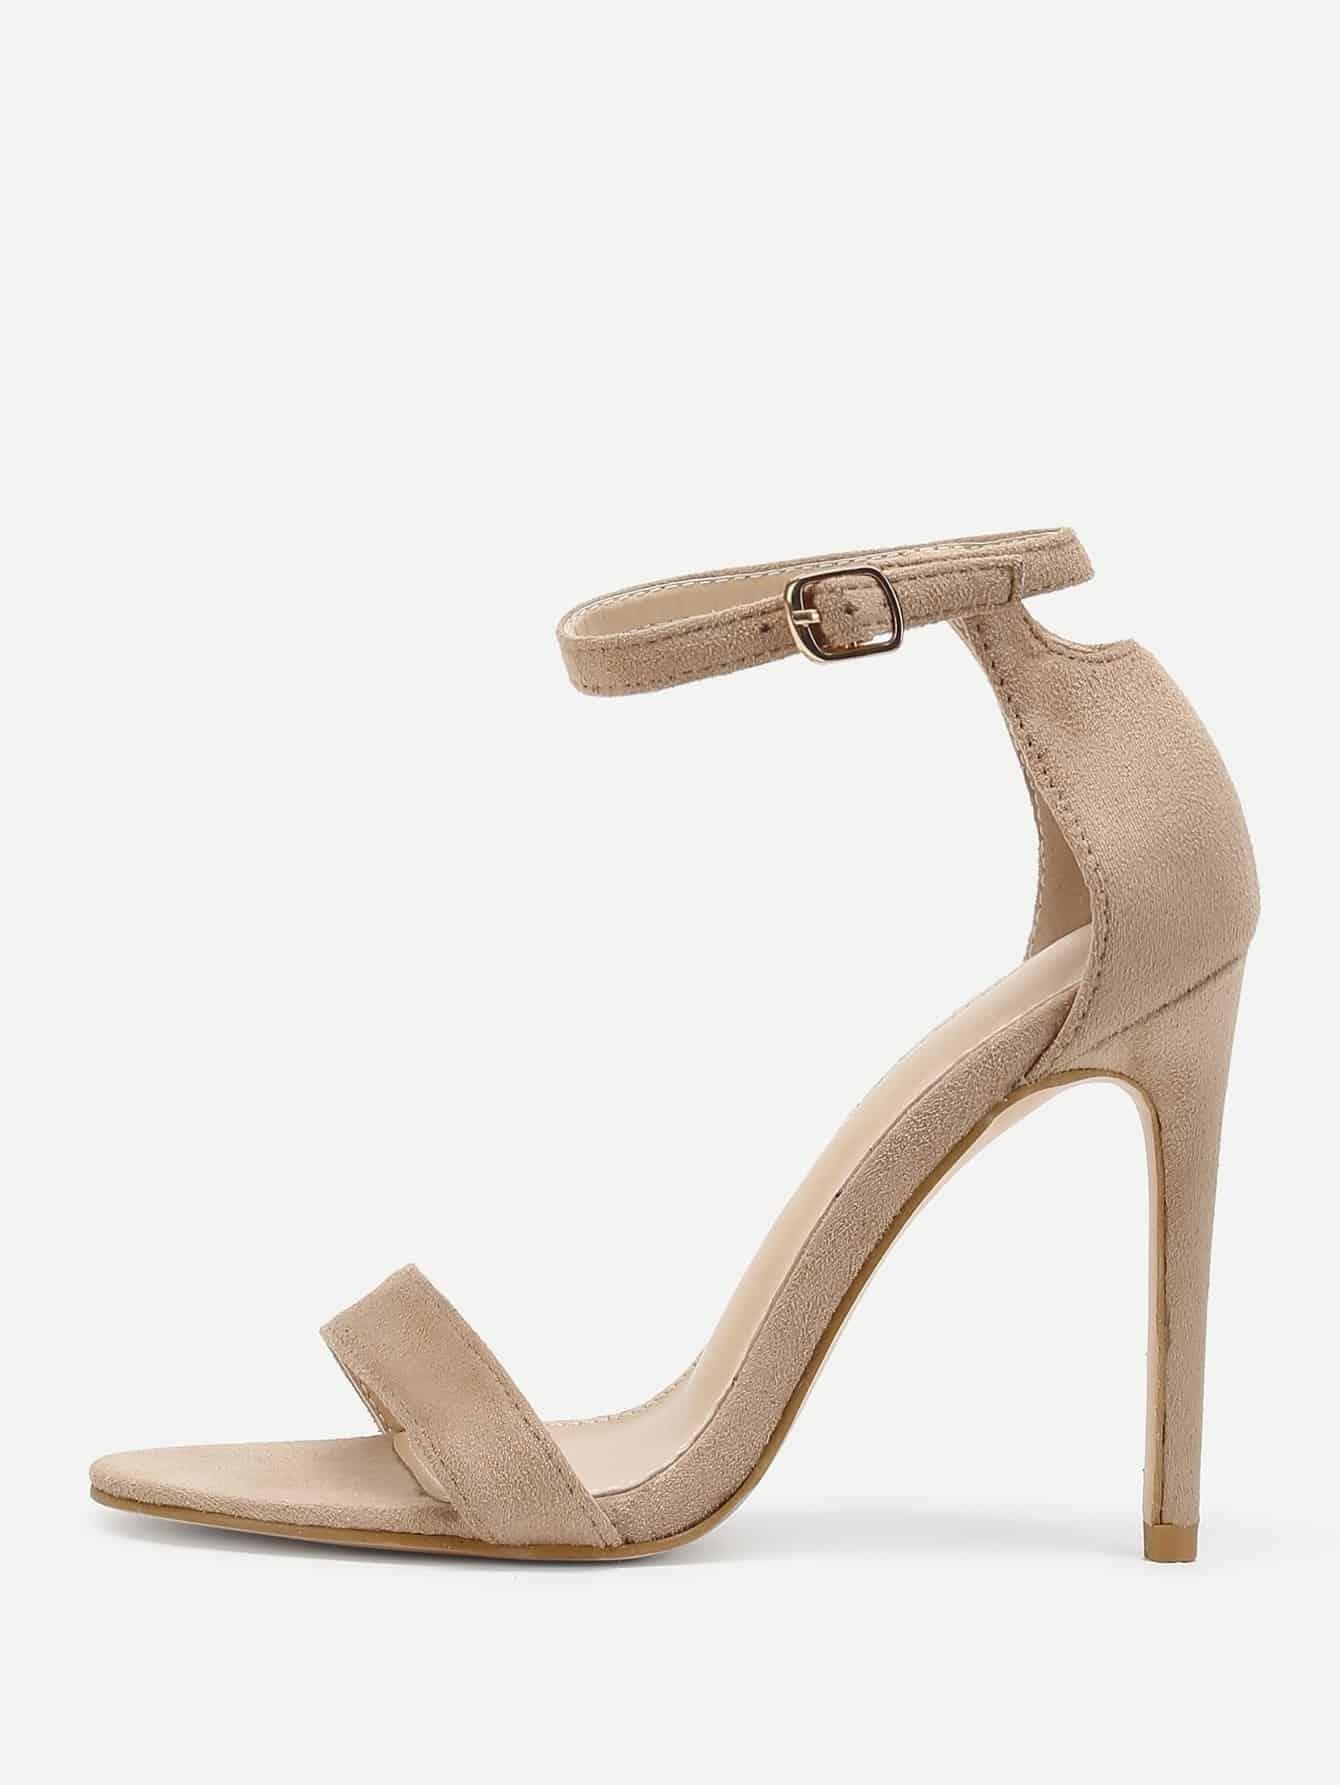 Peep Toe Ankle Strap Pumps fonirra high heels sandals sexy ankle strap thin heel pumps for women summer wedding shoes ladies party peep toe pumps 600